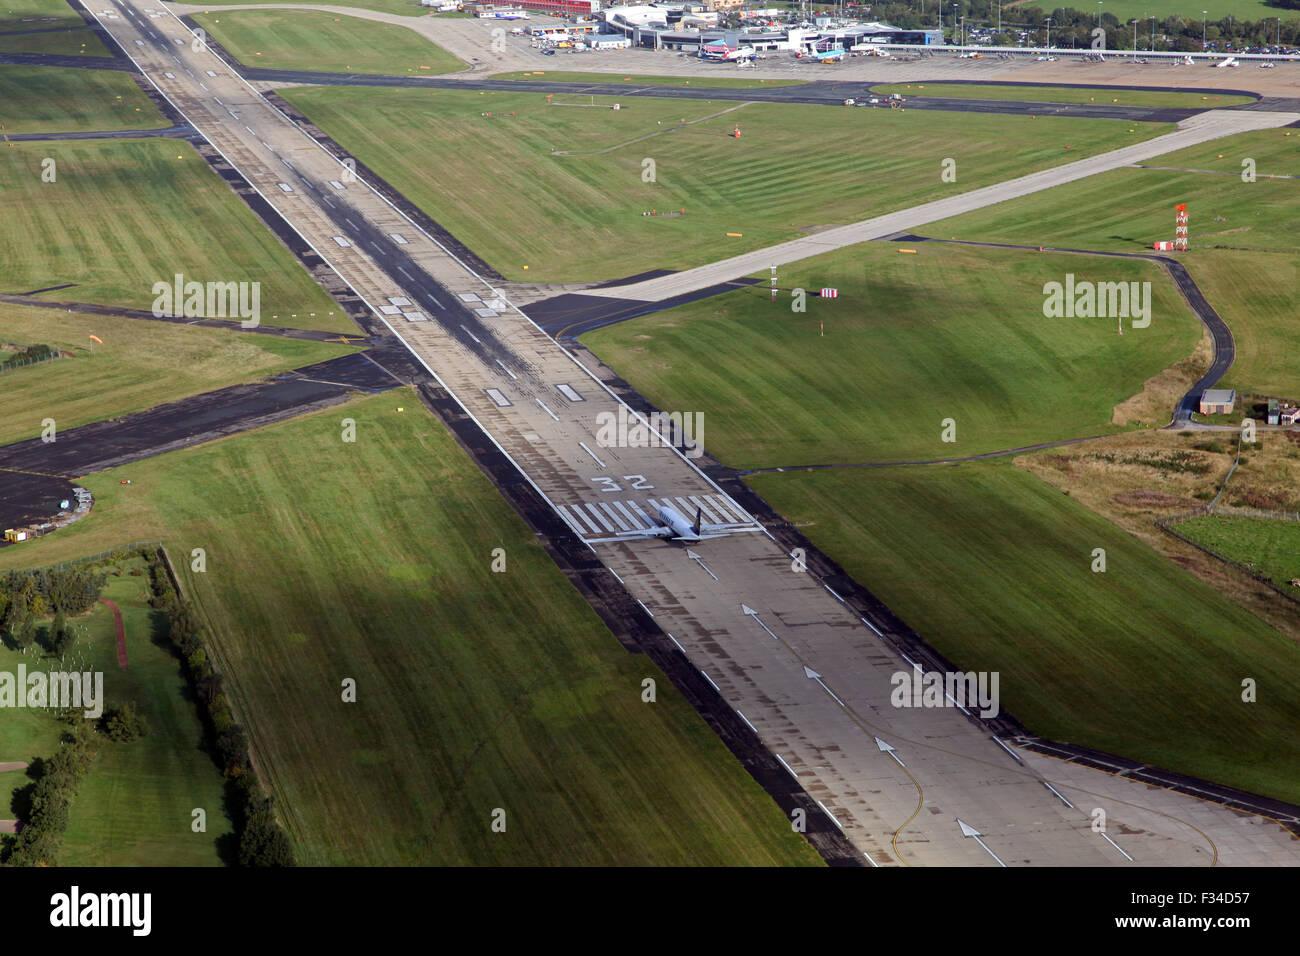 Vista aerea di un getto di RyanAir decollo dall'Aeroporto Internazionale di Leeds Bradford, Regno Unito Immagini Stock